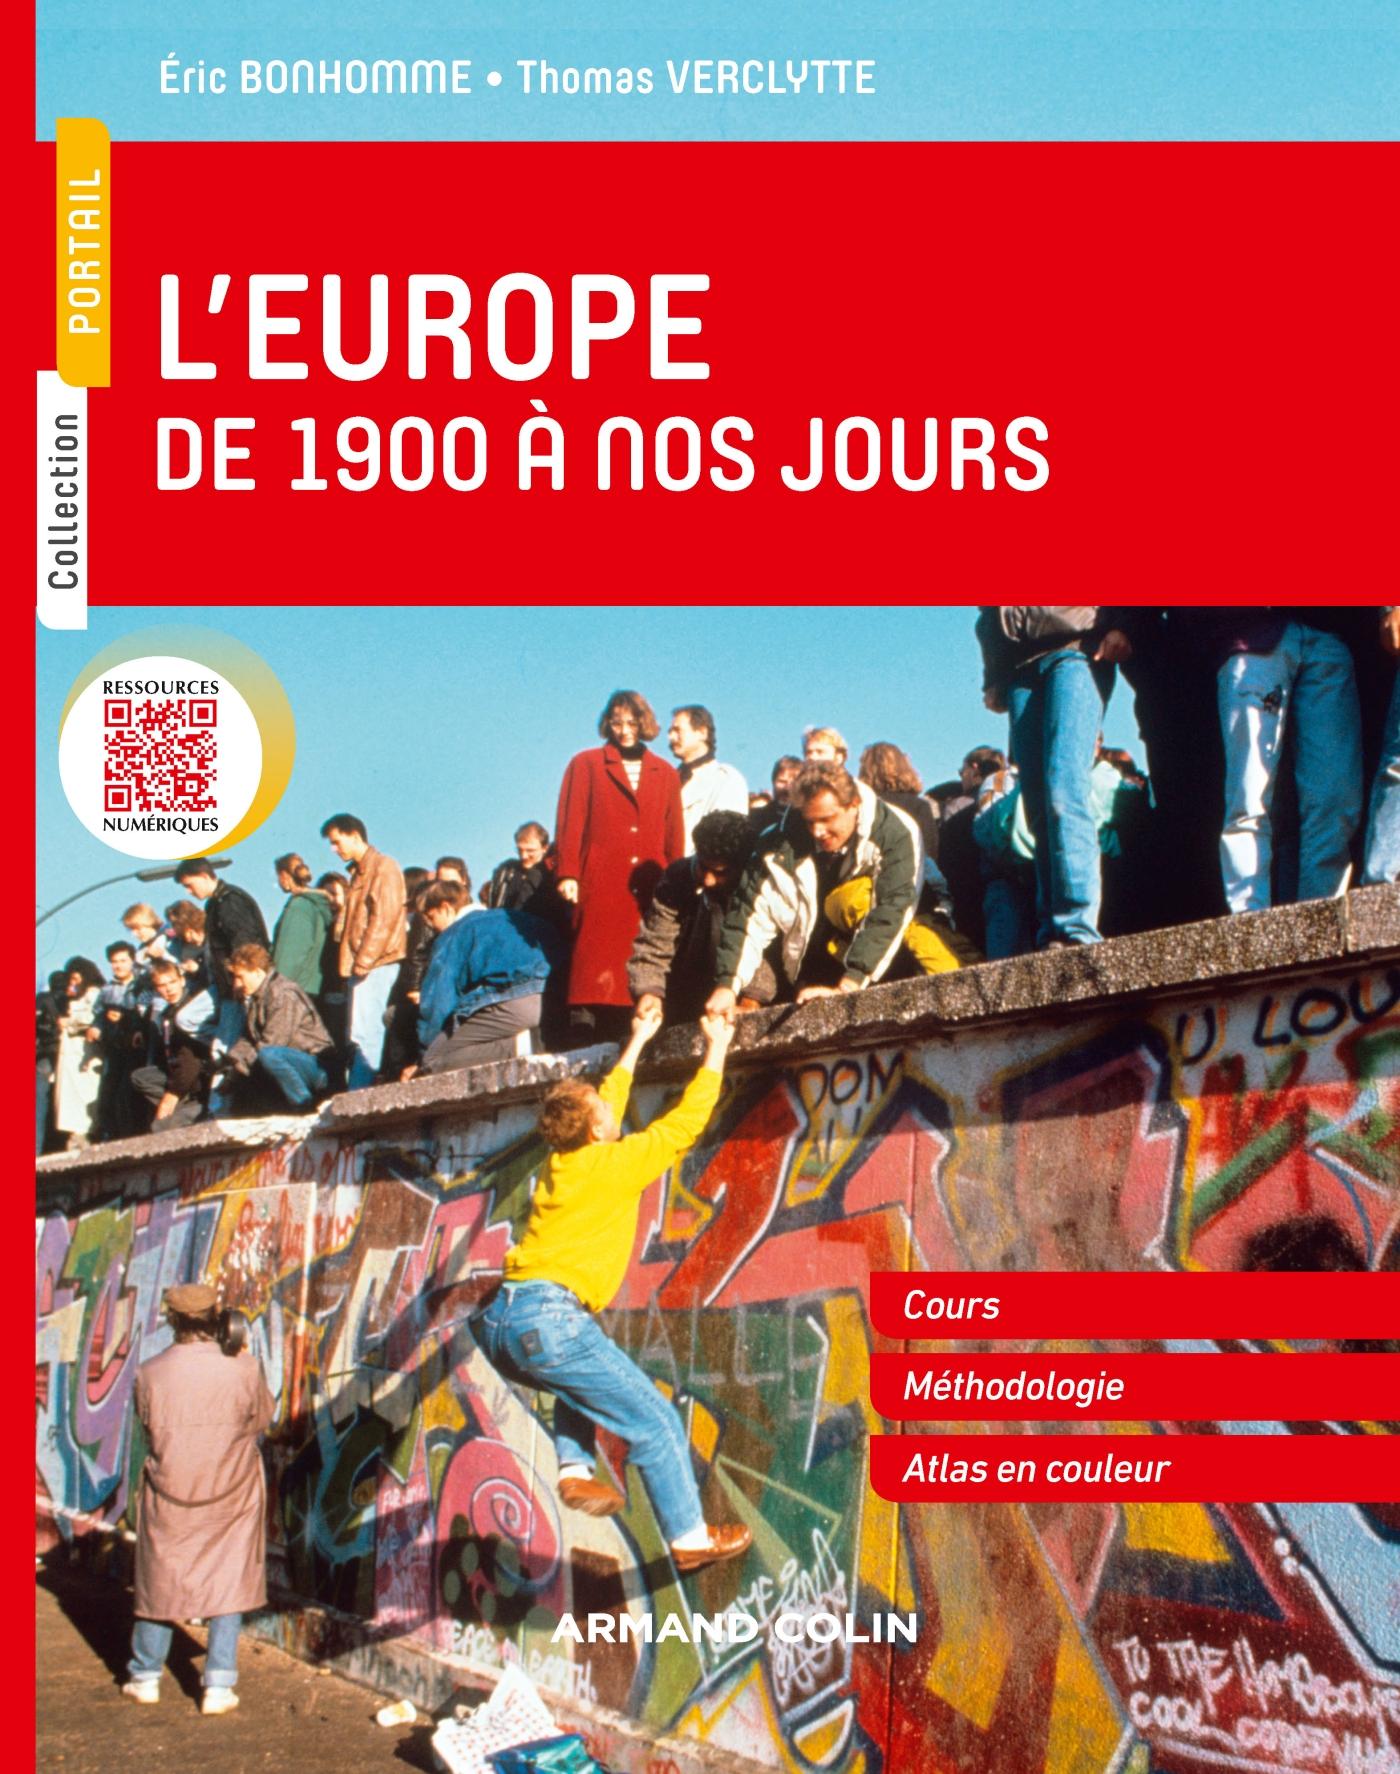 L'Europe de 1900 à nos jours